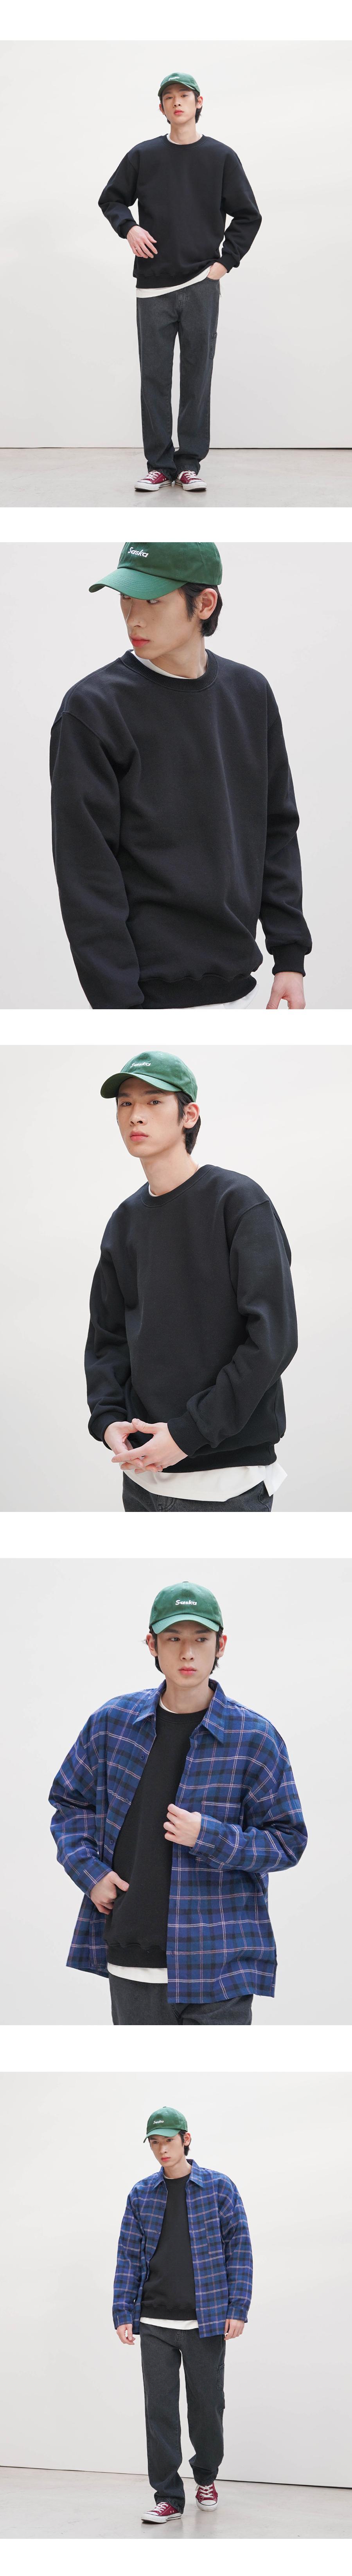 [제멋] 레벨 덤블기모 맨투맨 HJMT2277